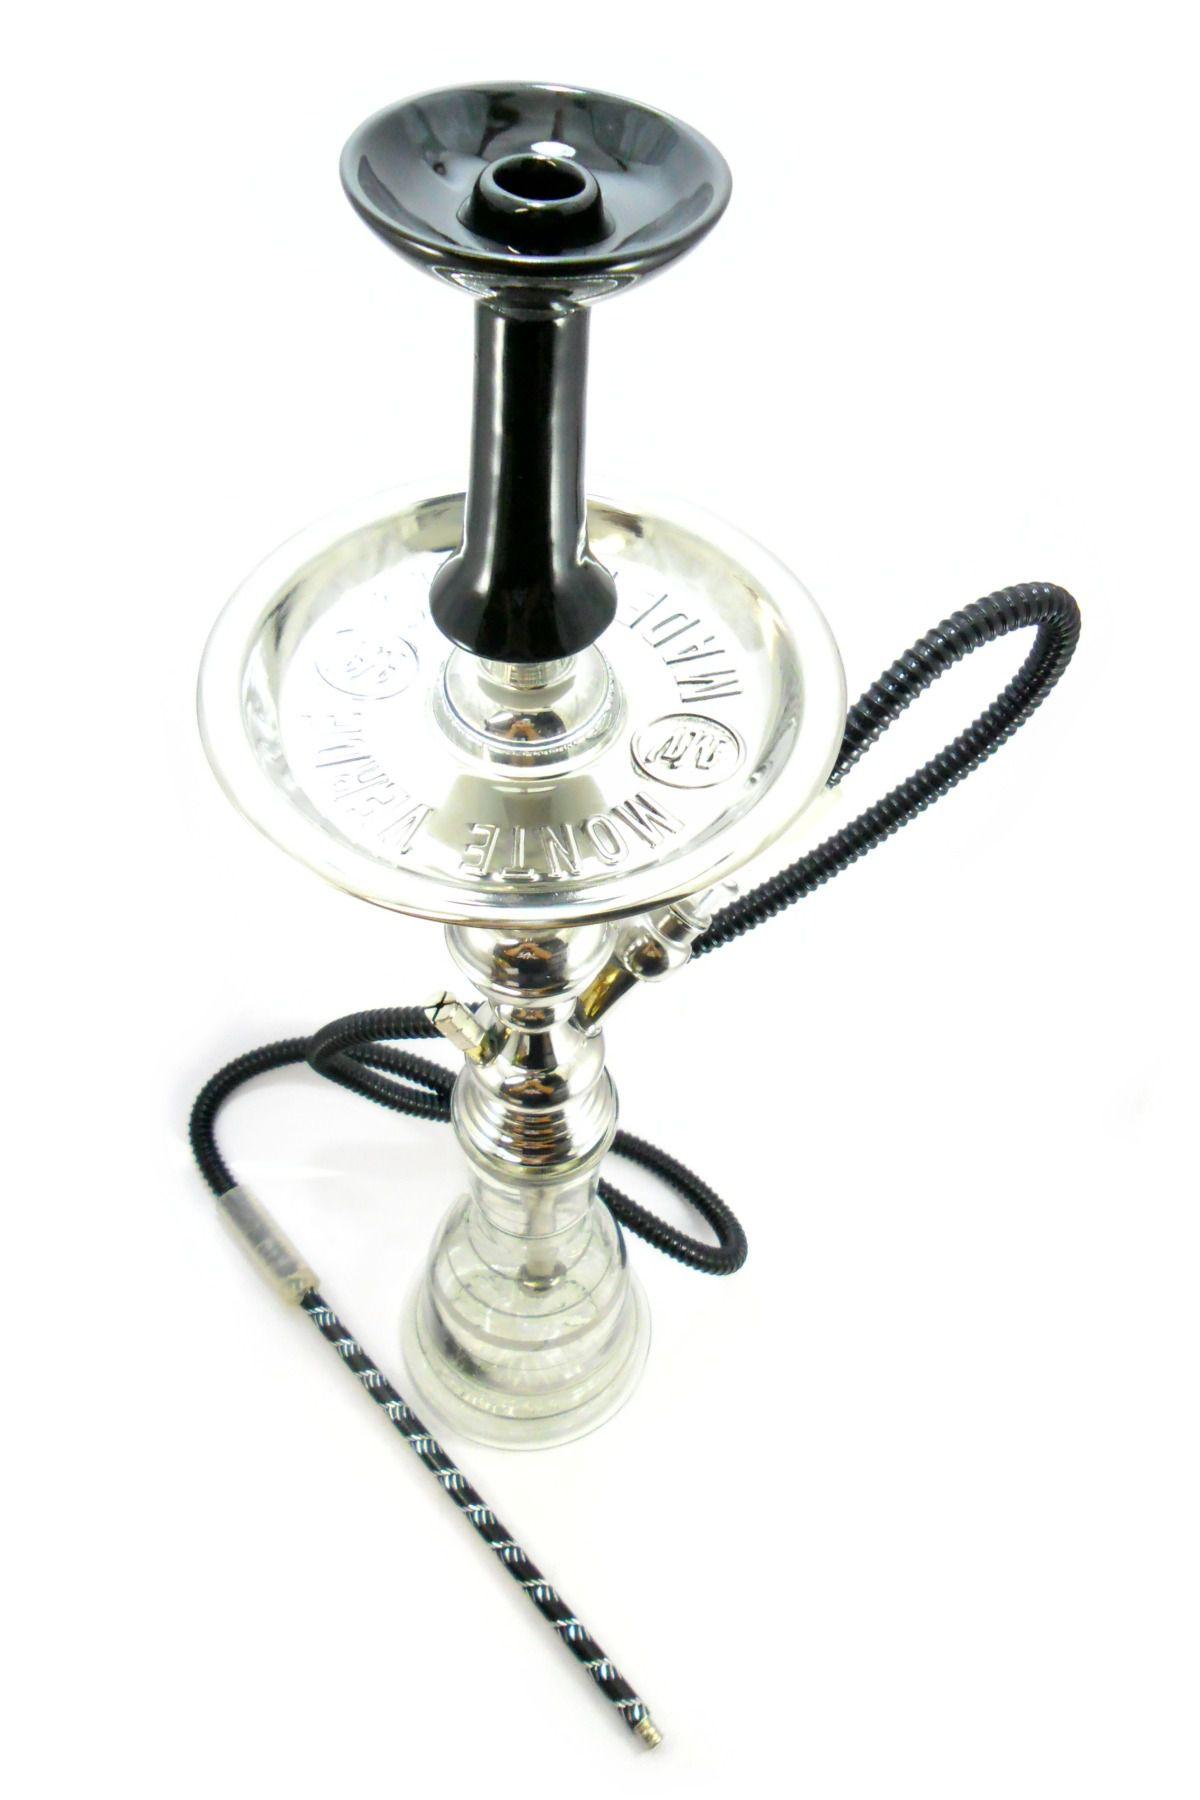 Narguile artesanal Egípcio YAHYA/MV mod.A69 cromado, 65cm de altura, com rosh funil Flux Bowl Preto.